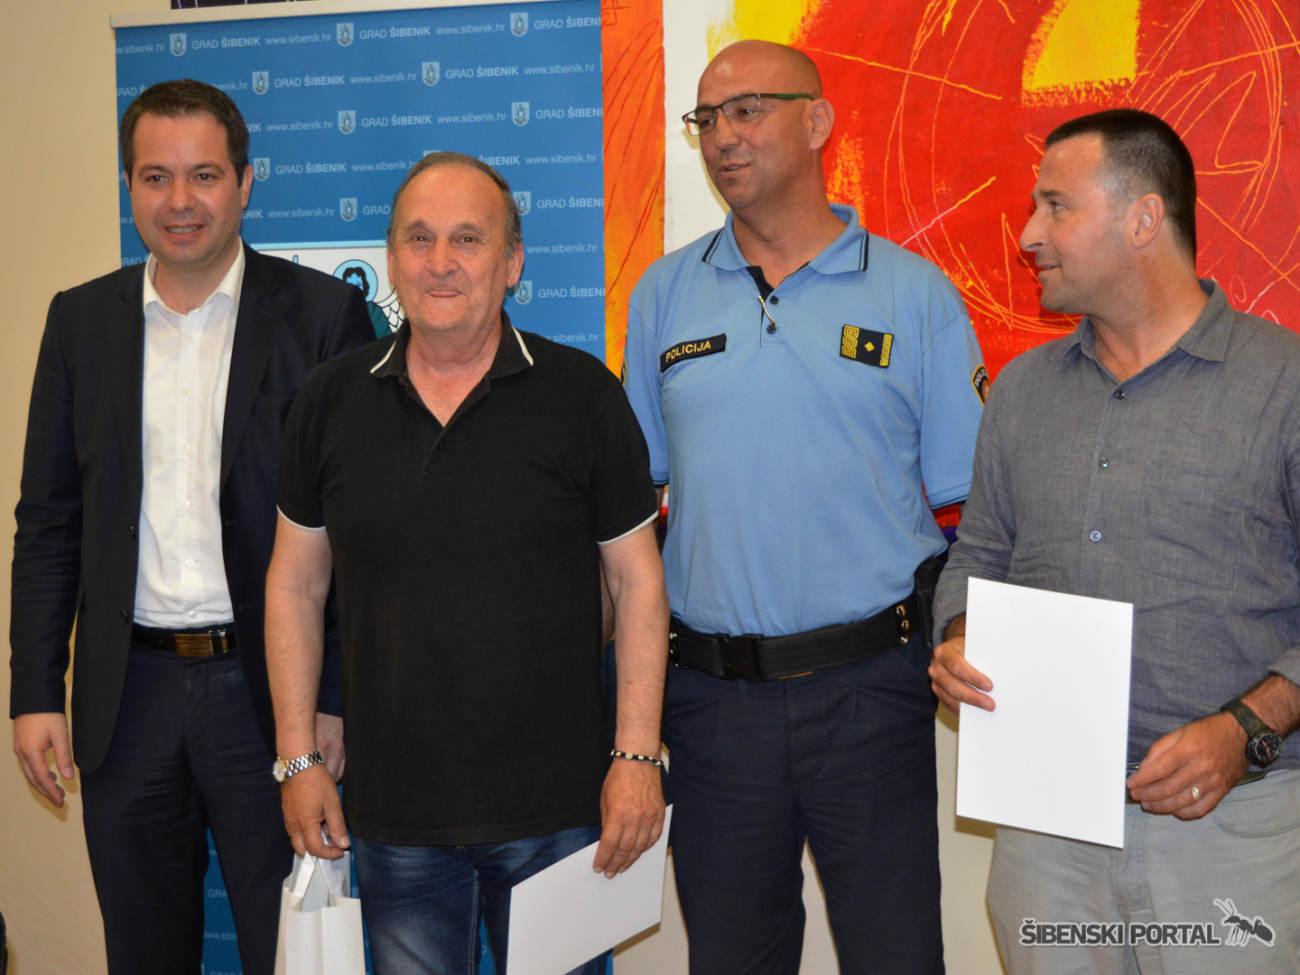 policija dan ljubaznosti nagradeni 020616 2